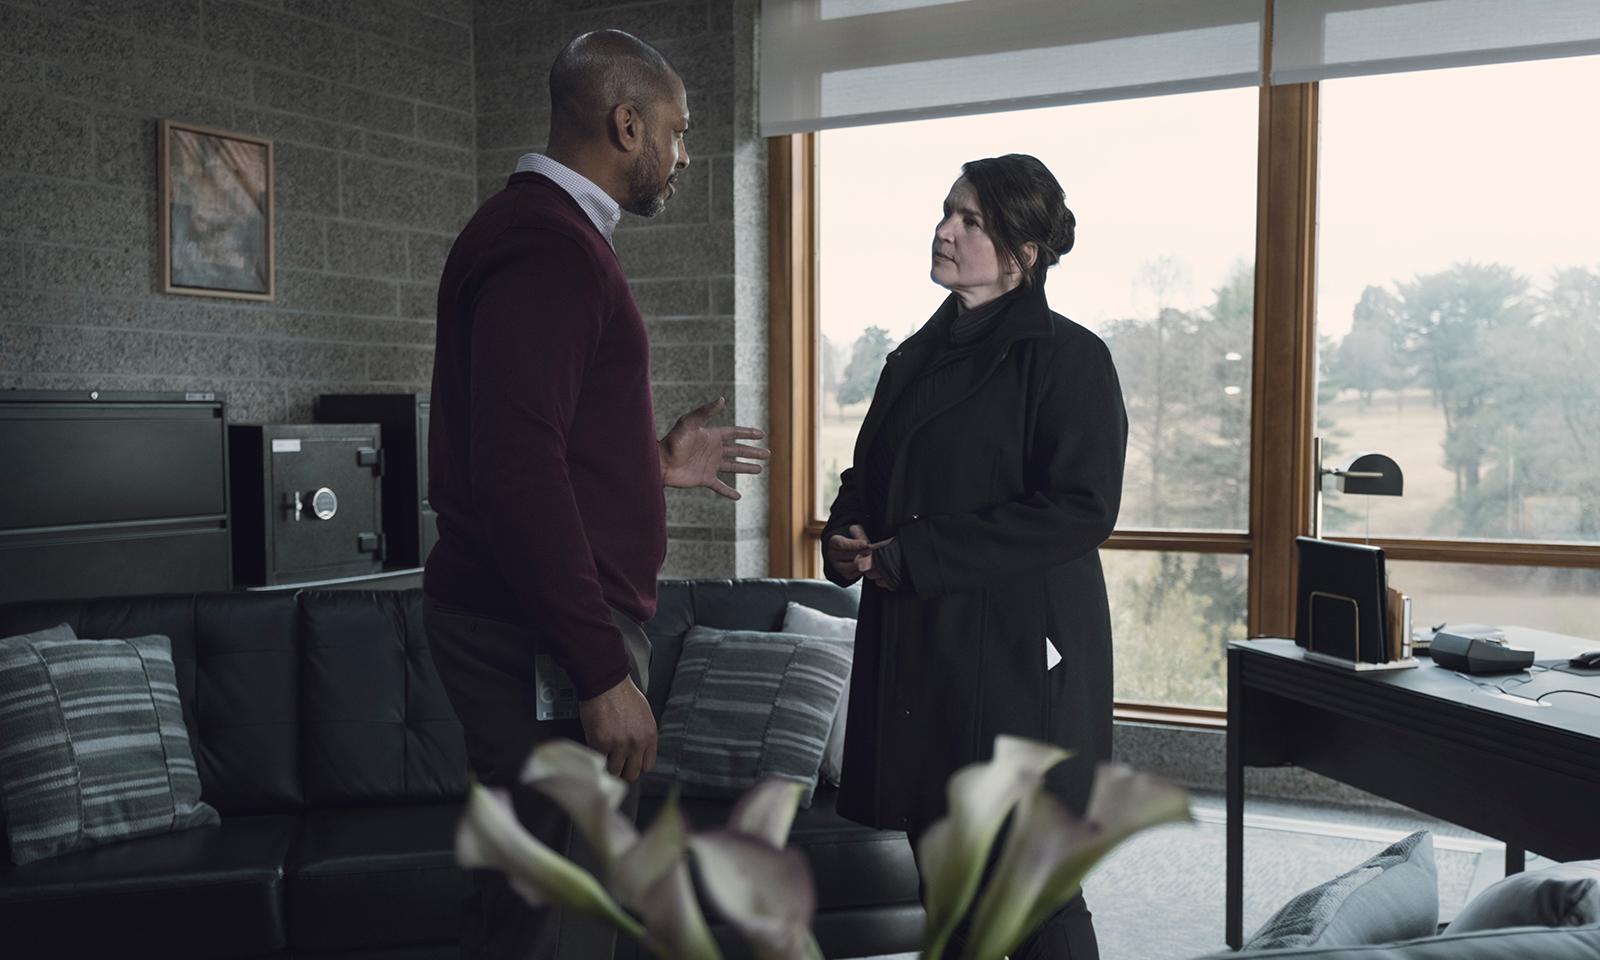 Leo e Elizabeth conversando no episódio 2 da 2ª temporada de The Walking Dead: World Beyond.